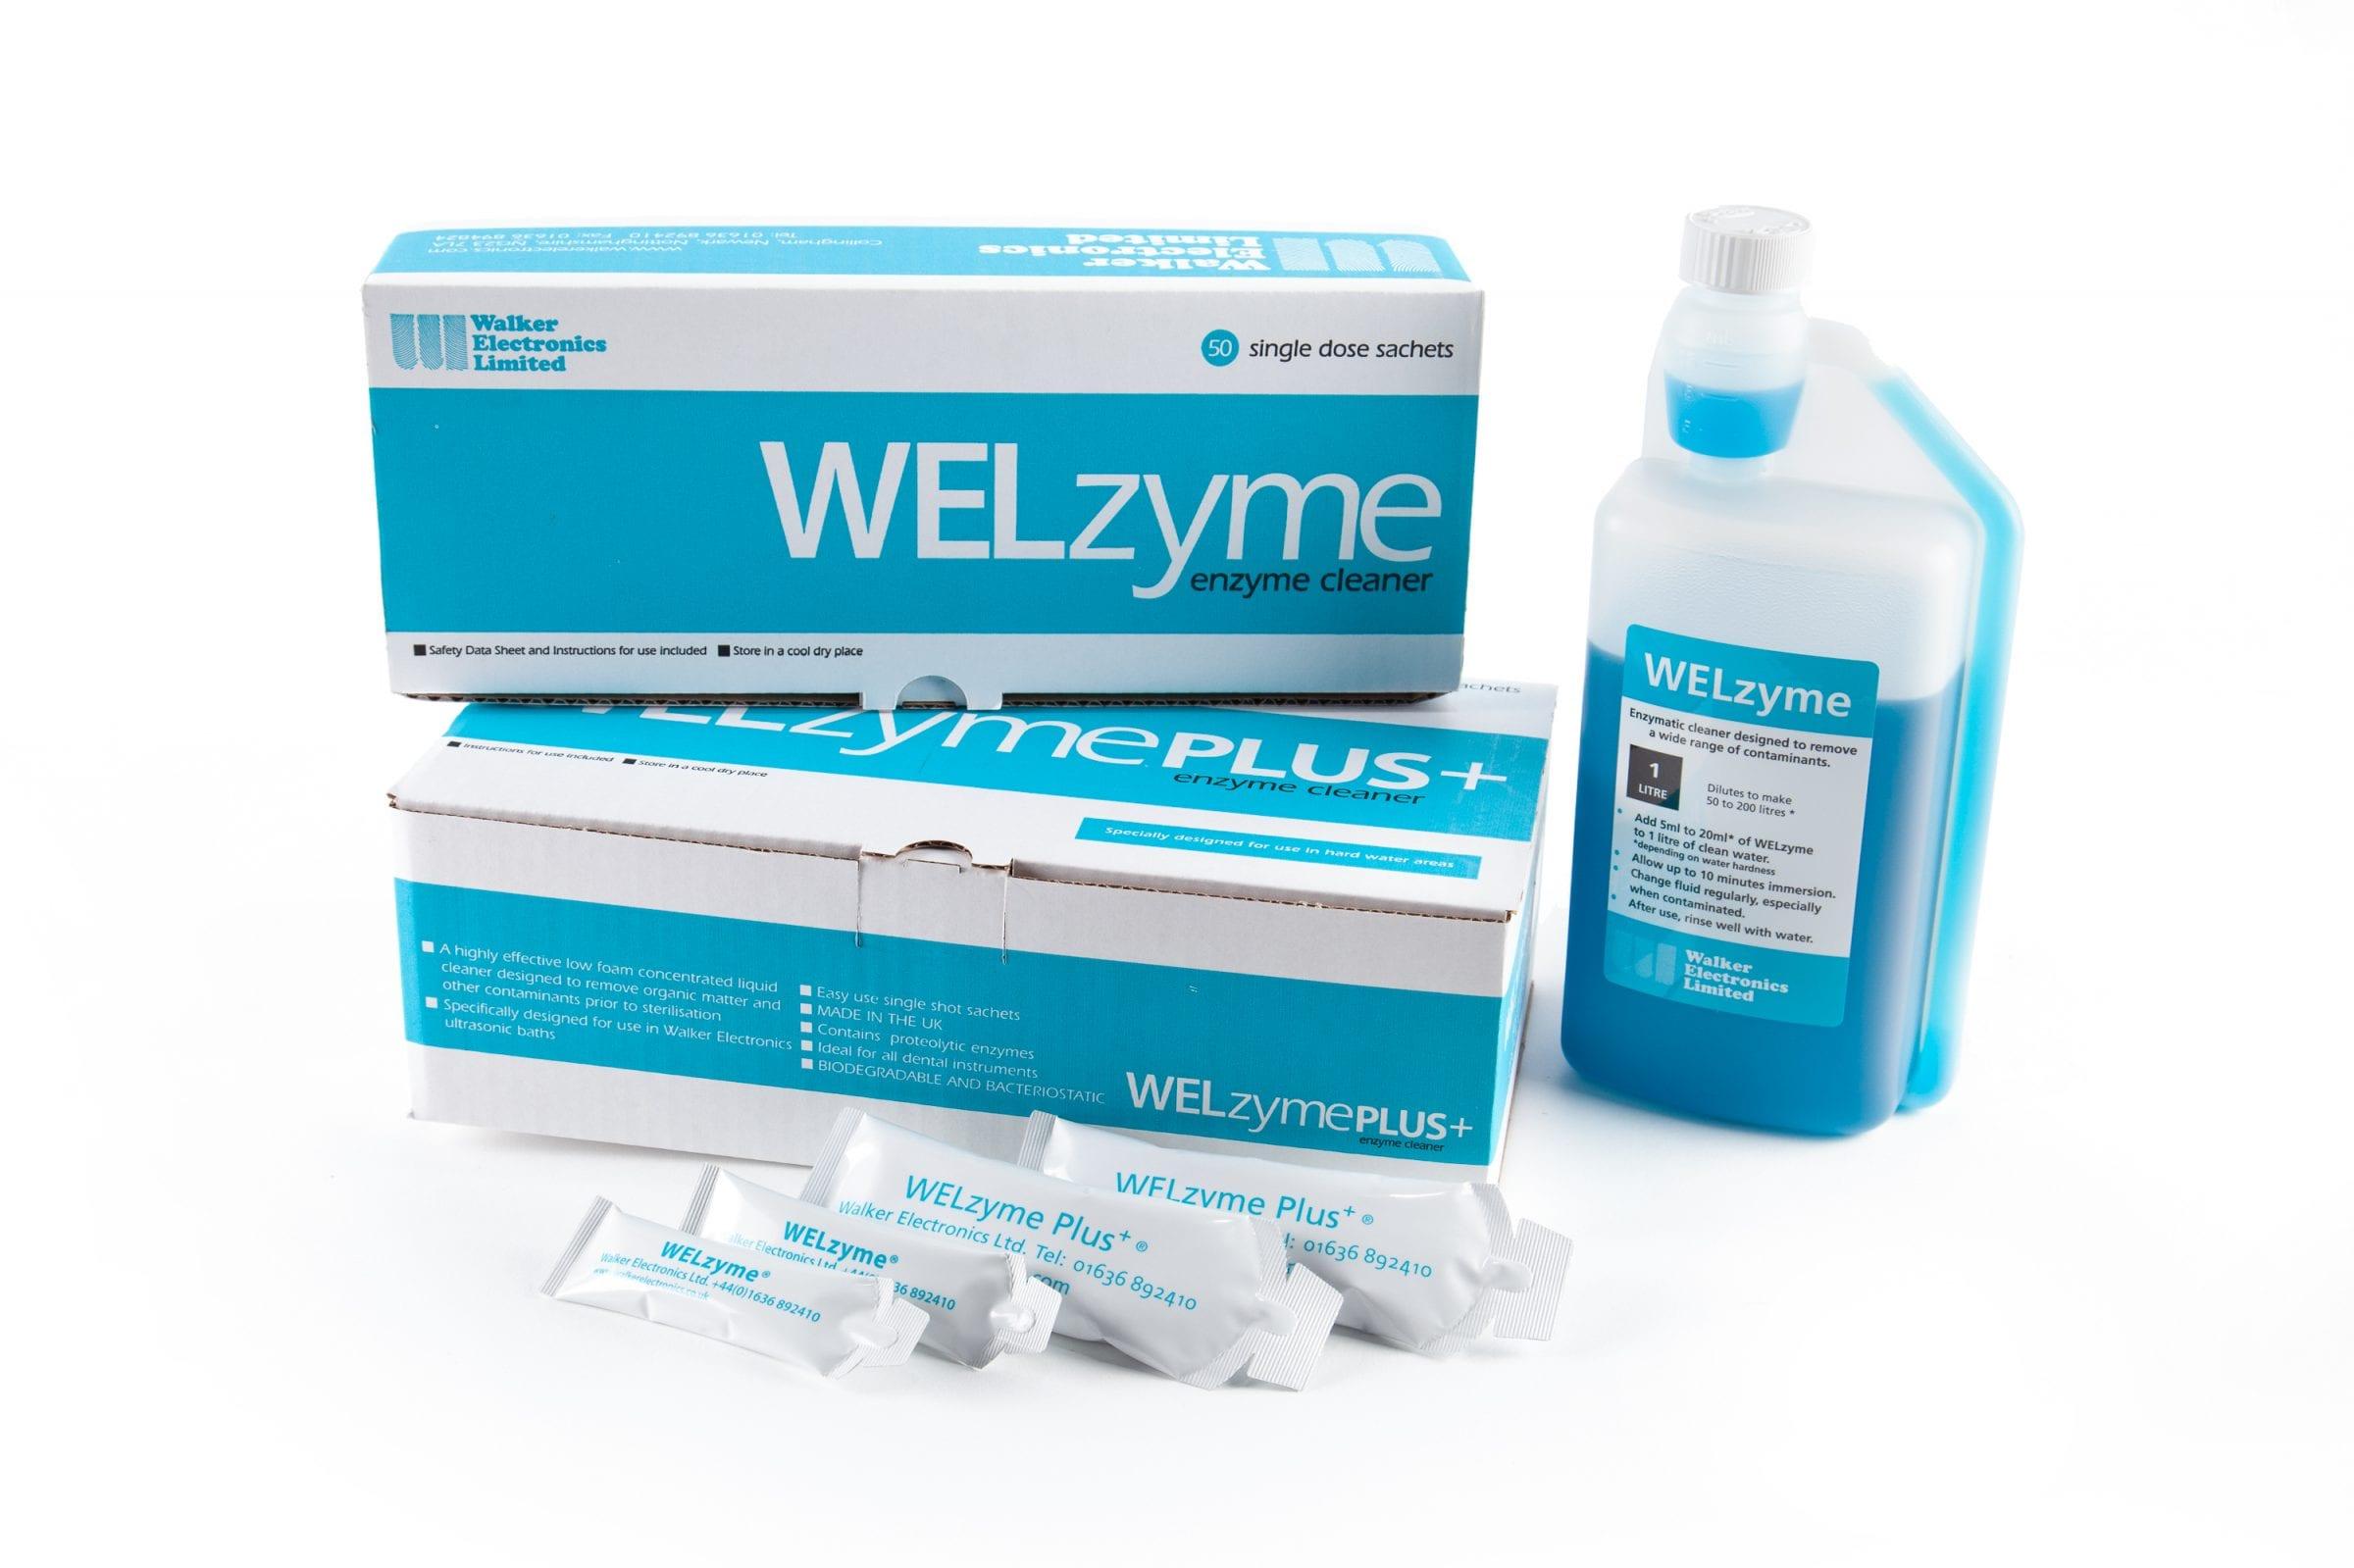 WELZyme from Walker Electronics